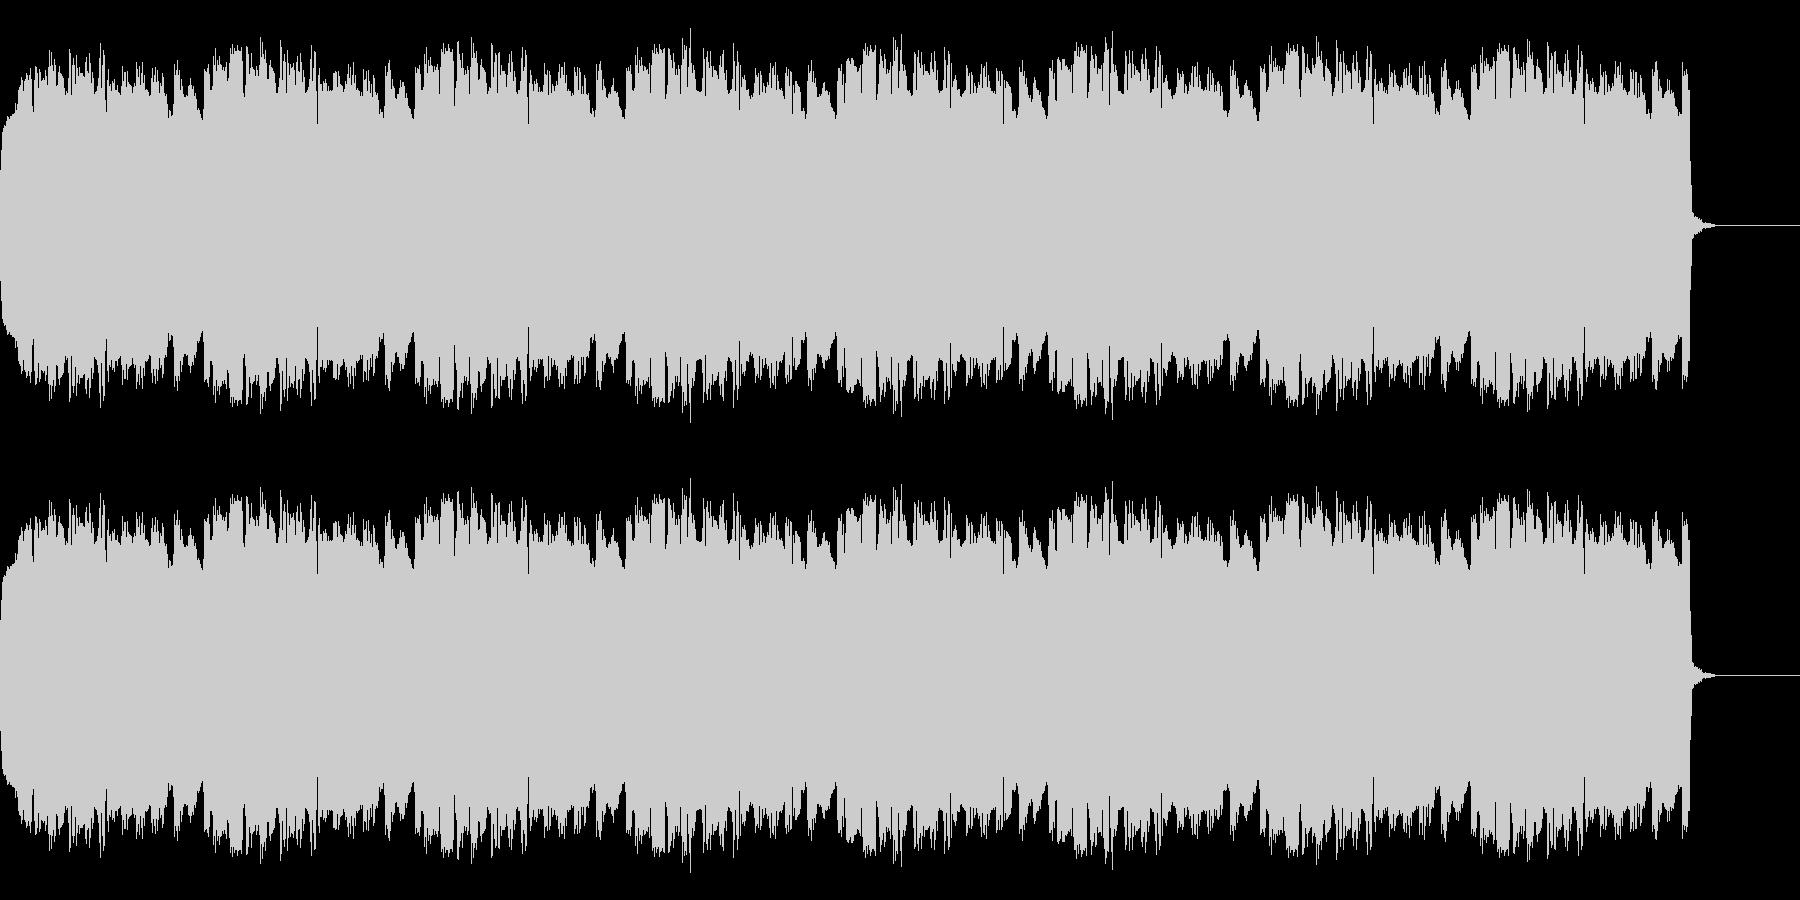 明るい響きのアラーム音の未再生の波形